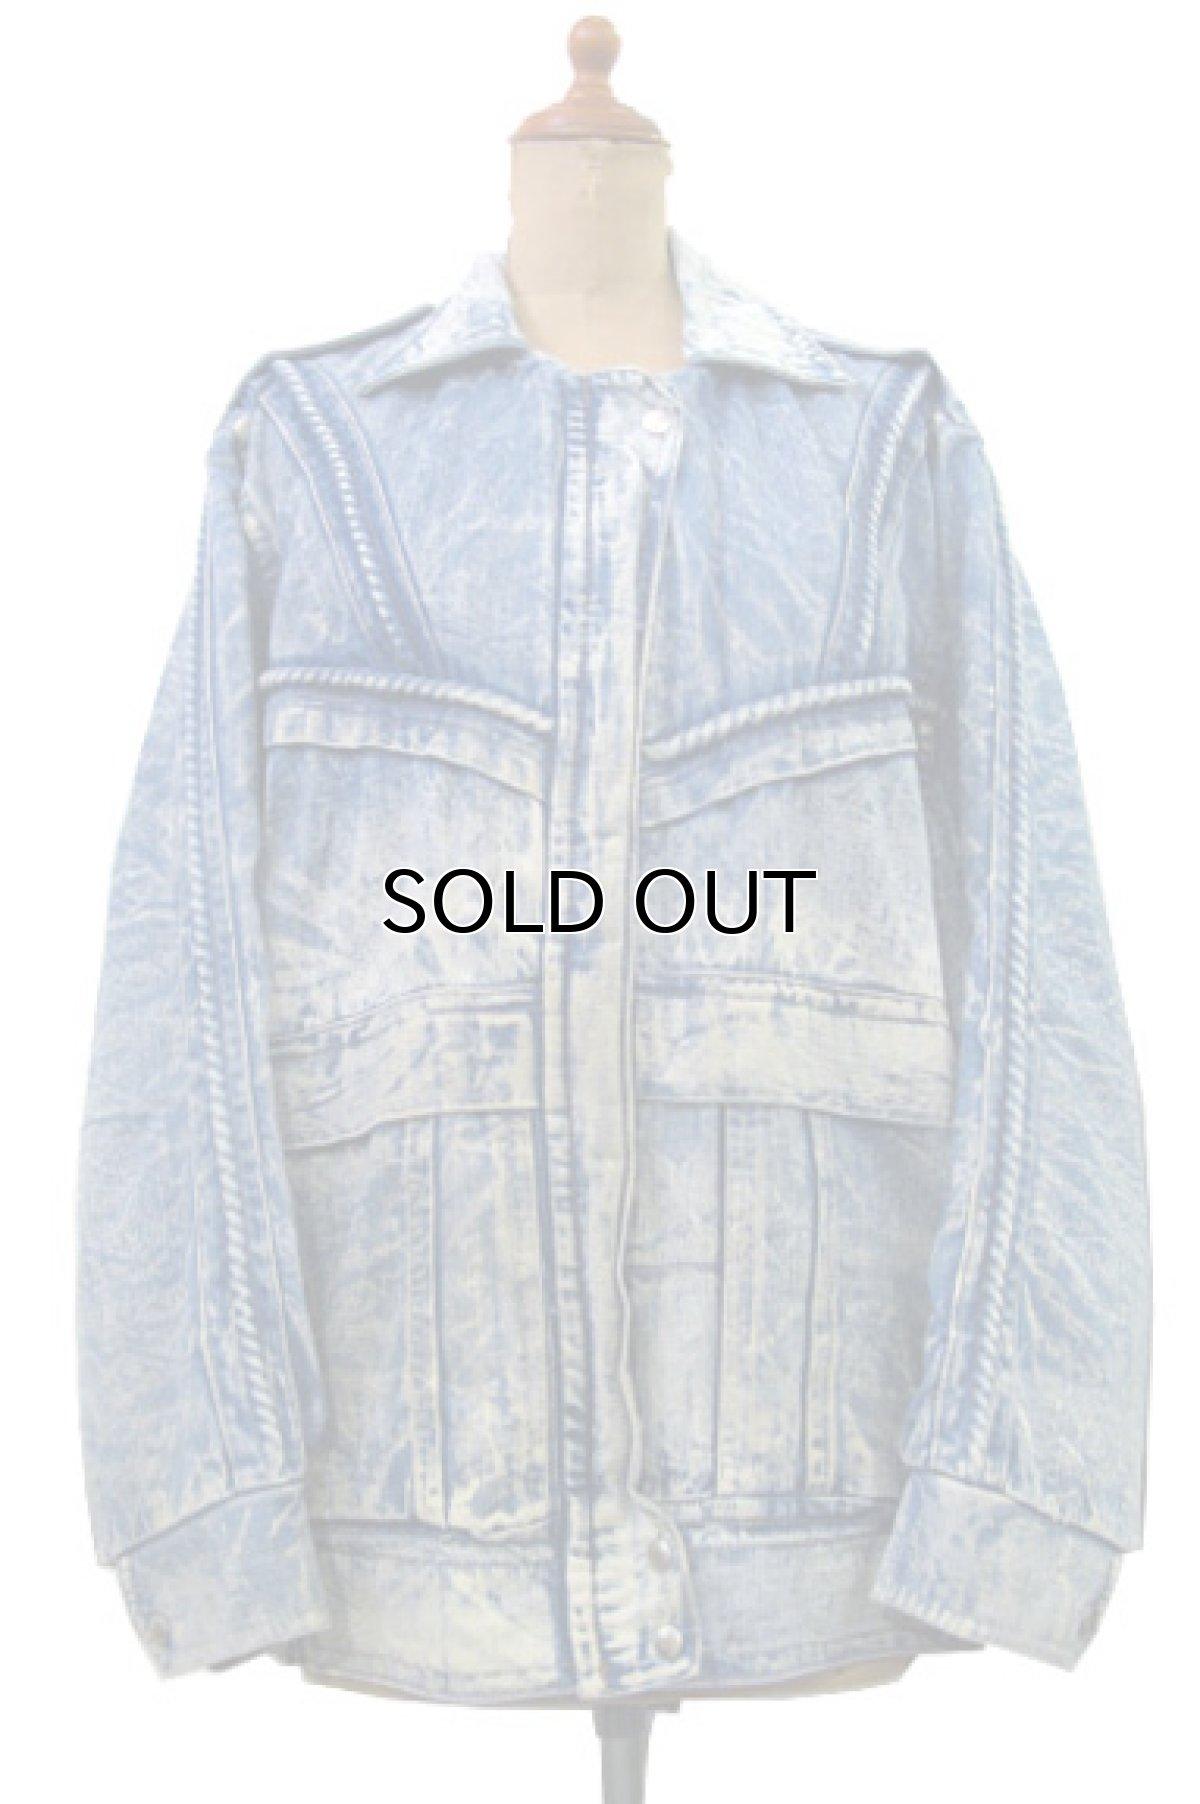 画像1: 1990's Europe Acid Wash Design Denim Jacket Blue Denim size M- L (表記 なし) (1)